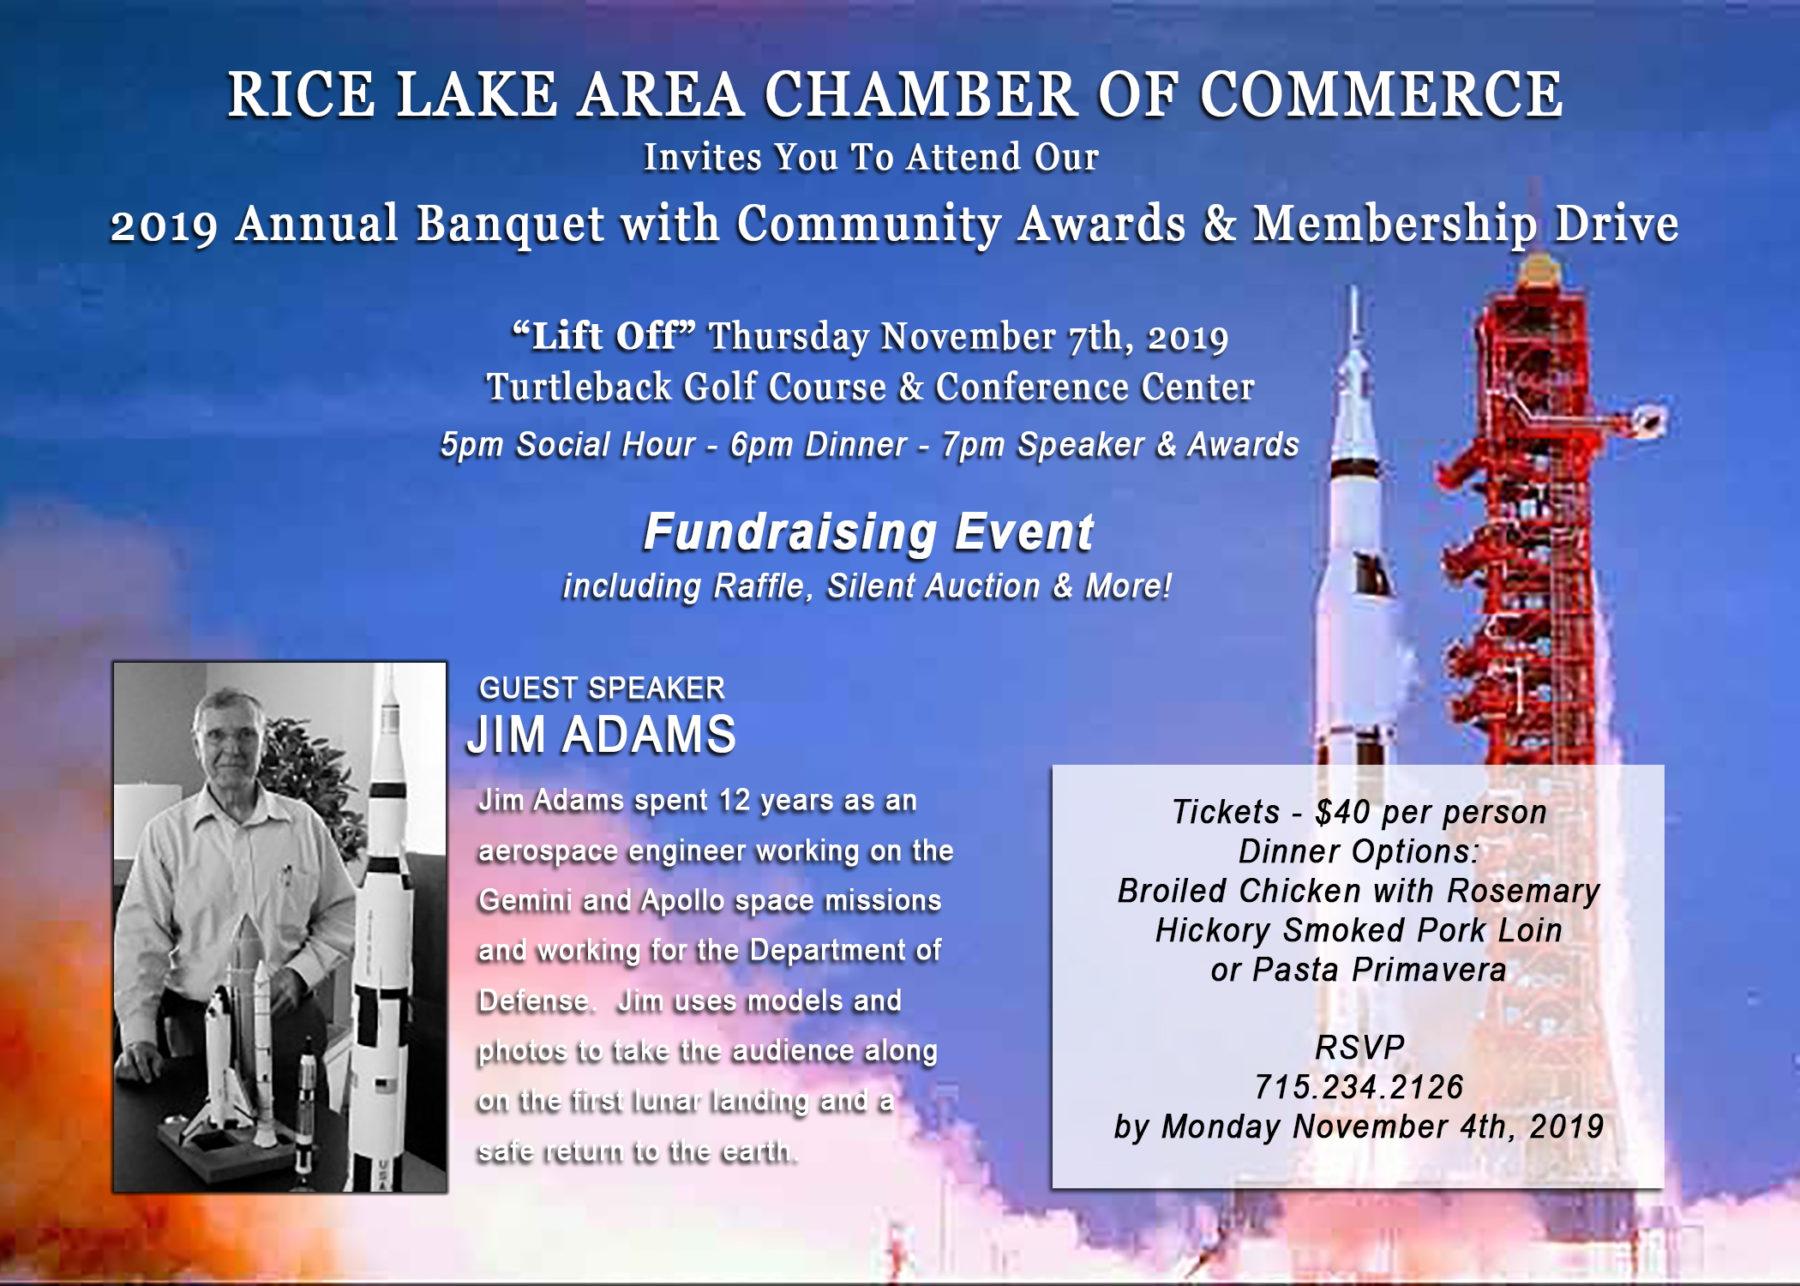 2019 Annual Banquet Invite Rice Lake, WI